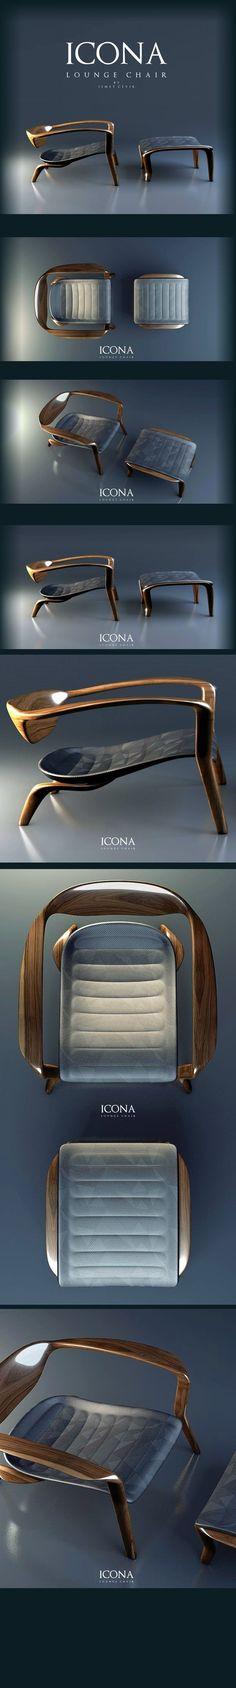 Icona Lounge: une #chaise #design par Ismet Cevik